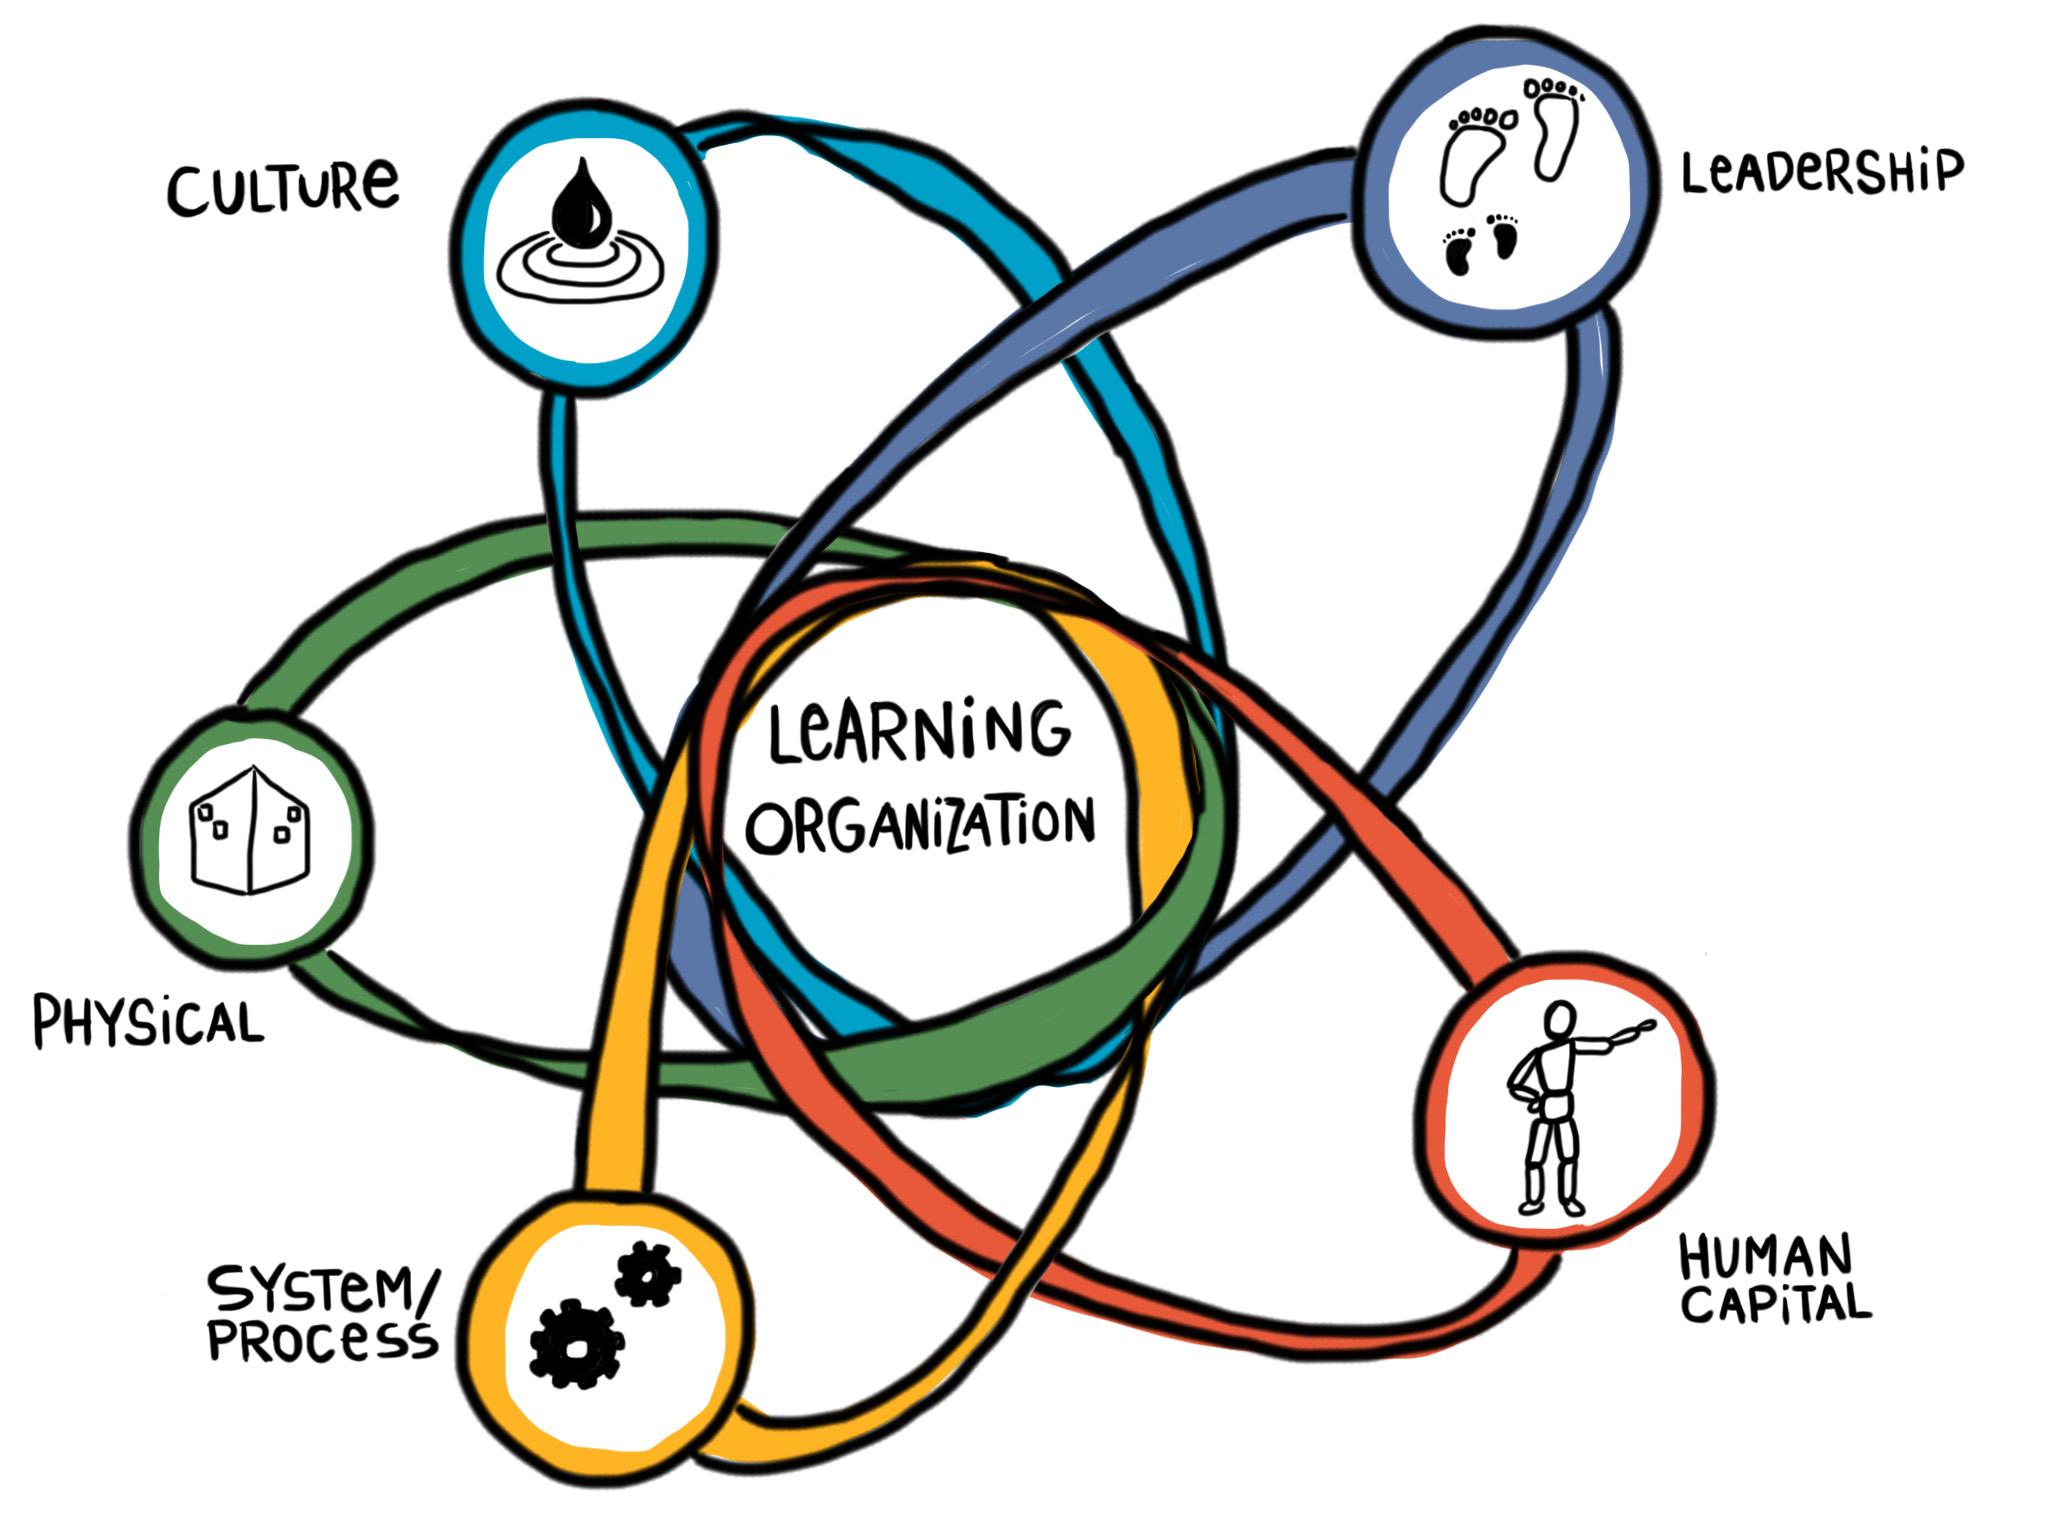 La struttura organizzativa di un'azienda incide sulle performance oltre che sulla comunicazione